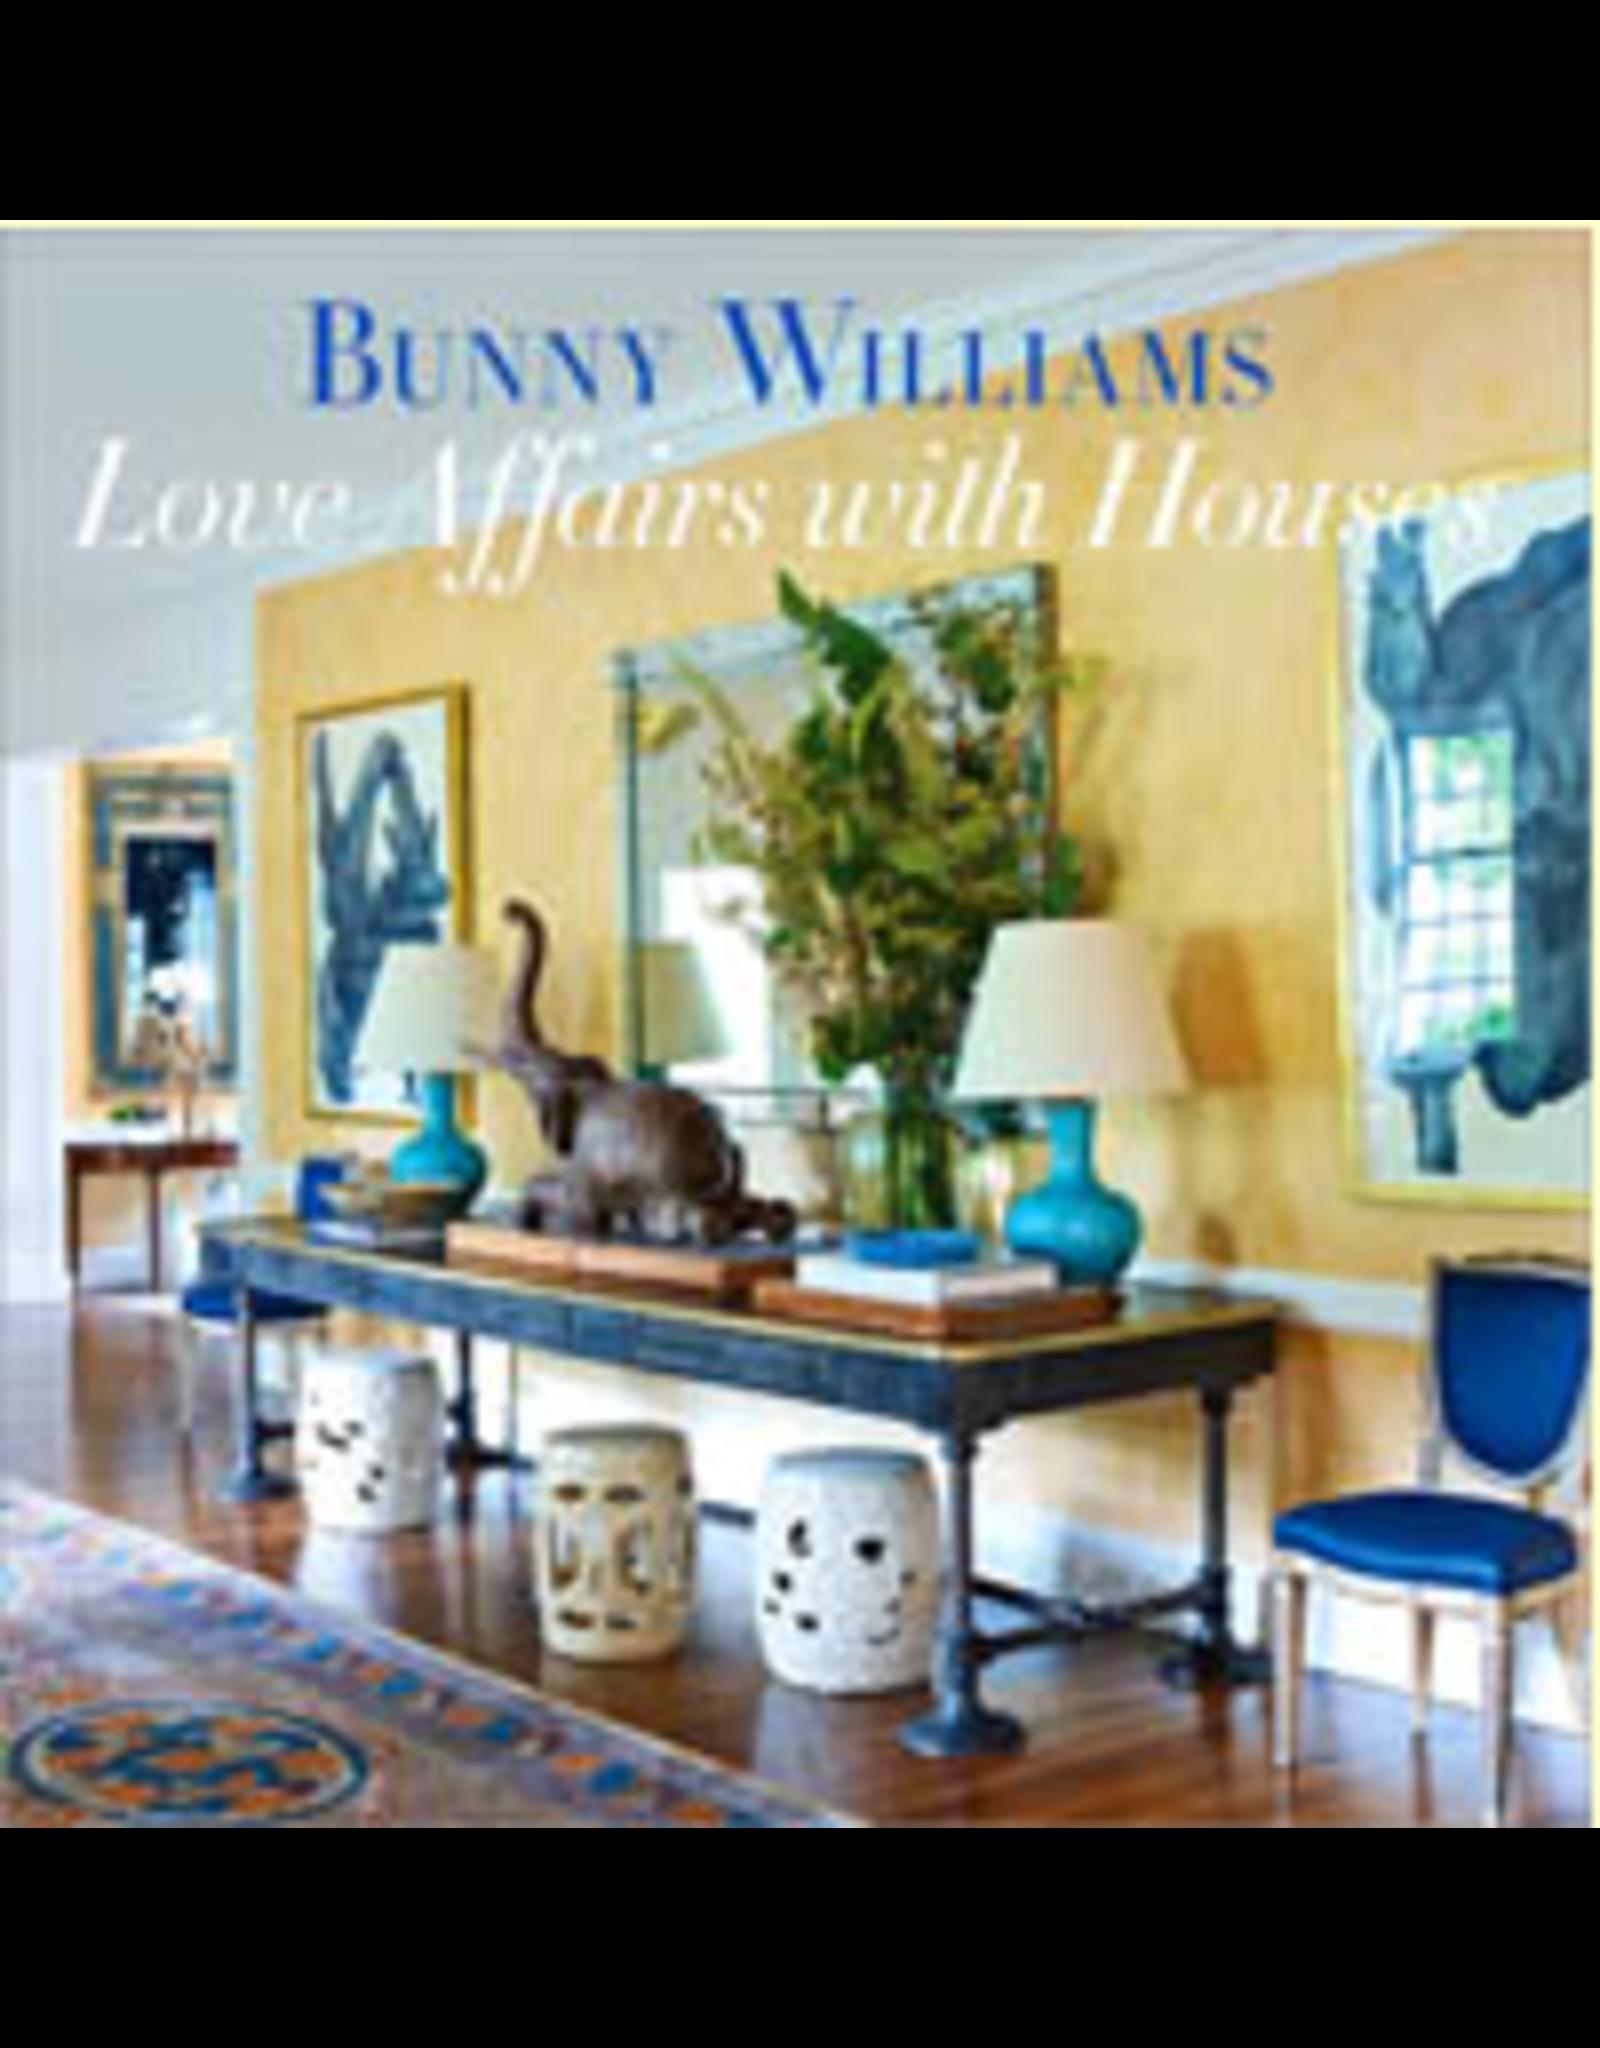 Website Love Affair with Houses